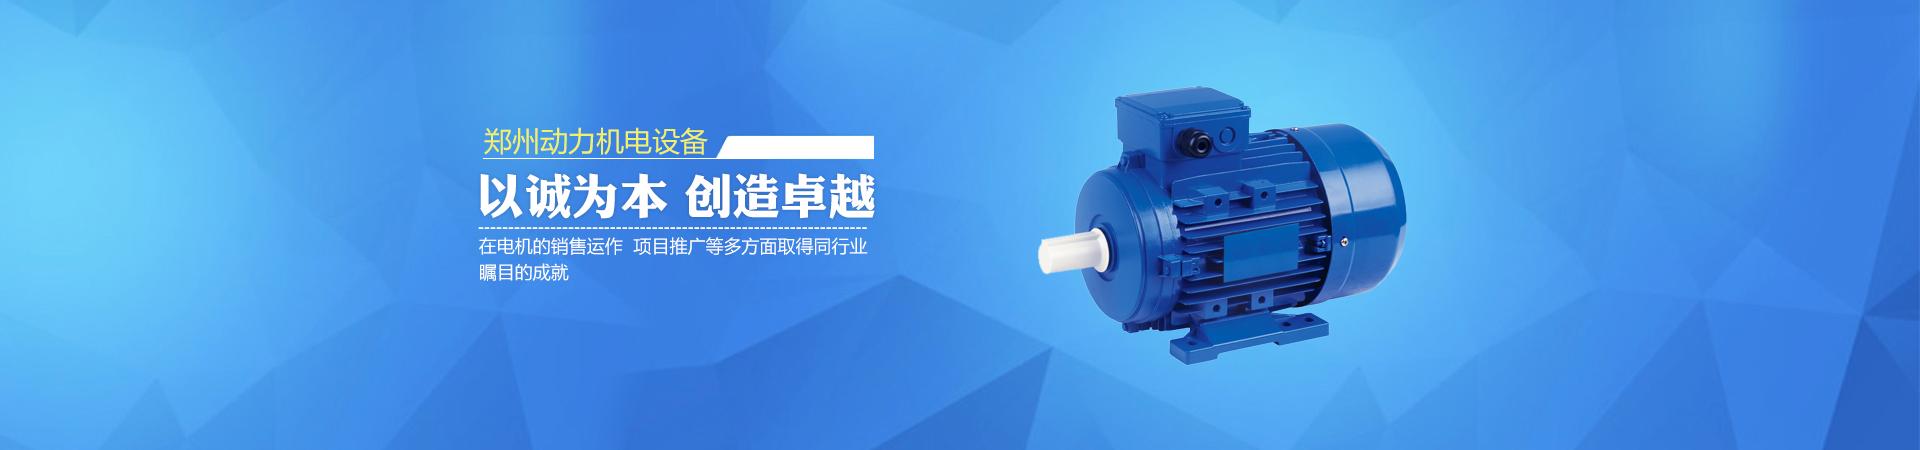 z4系列直流电动机的功率范围由1